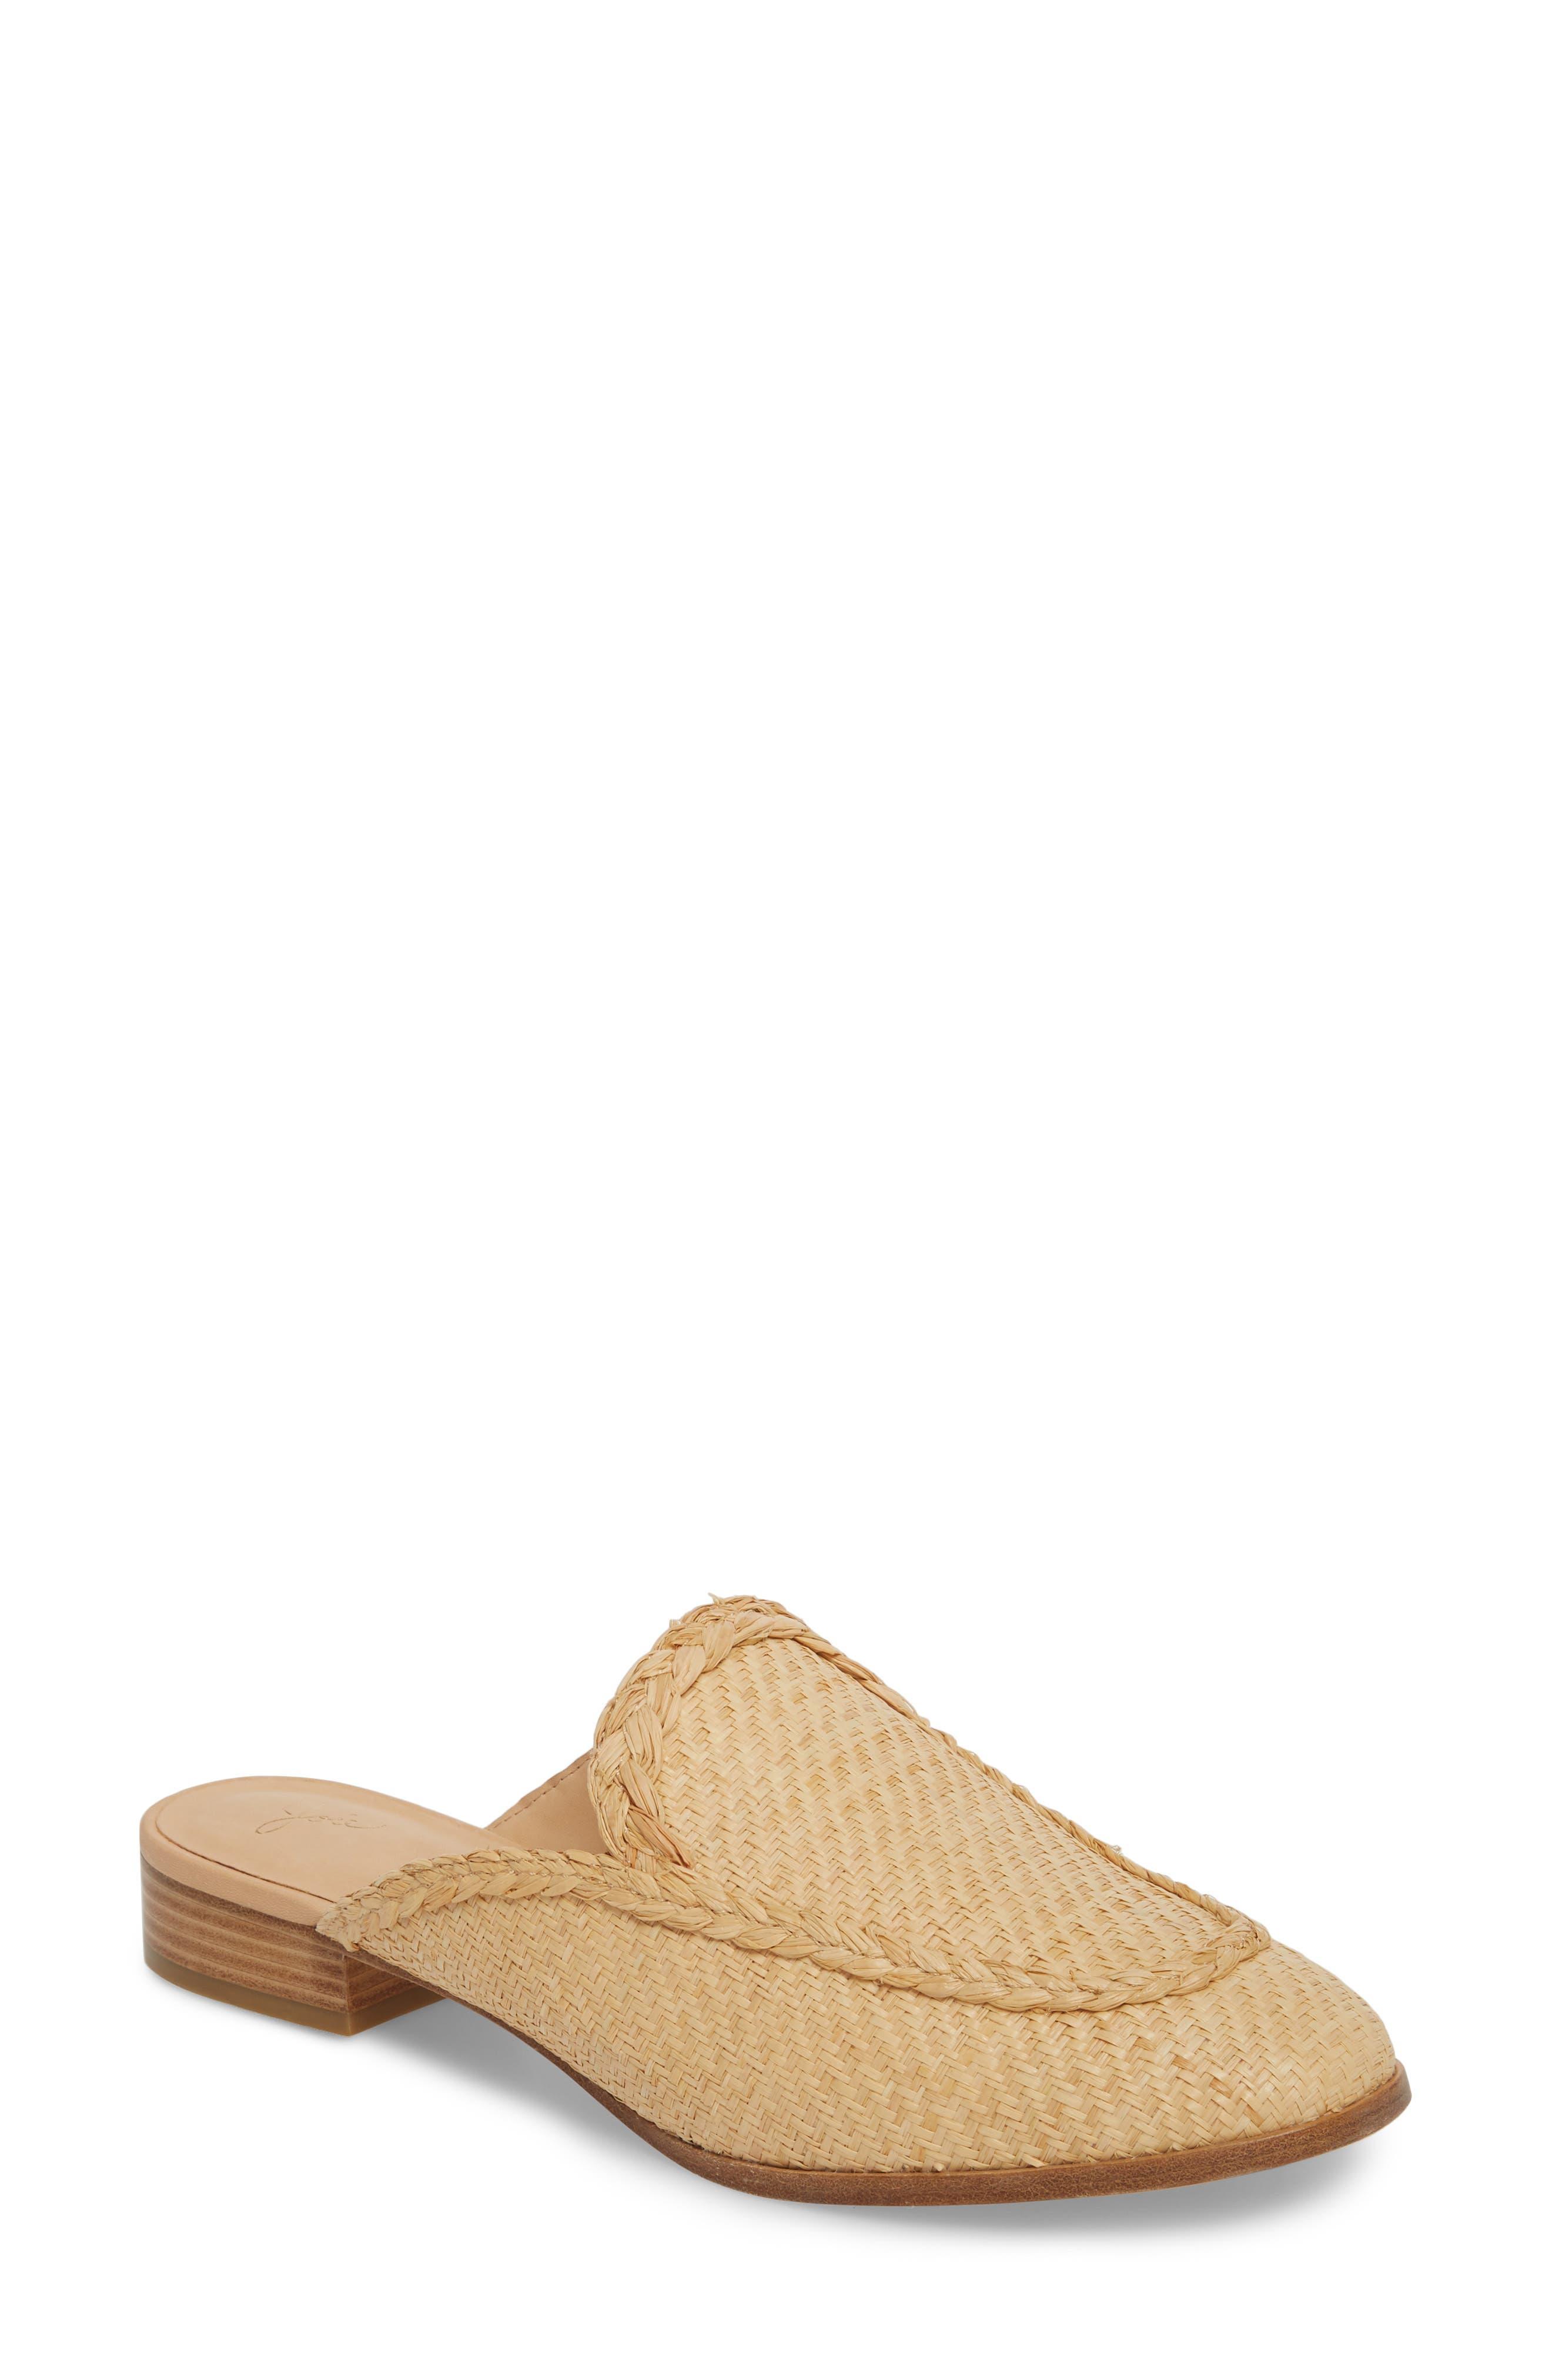 Joie Dallis Woven Loafer Mule (Women)